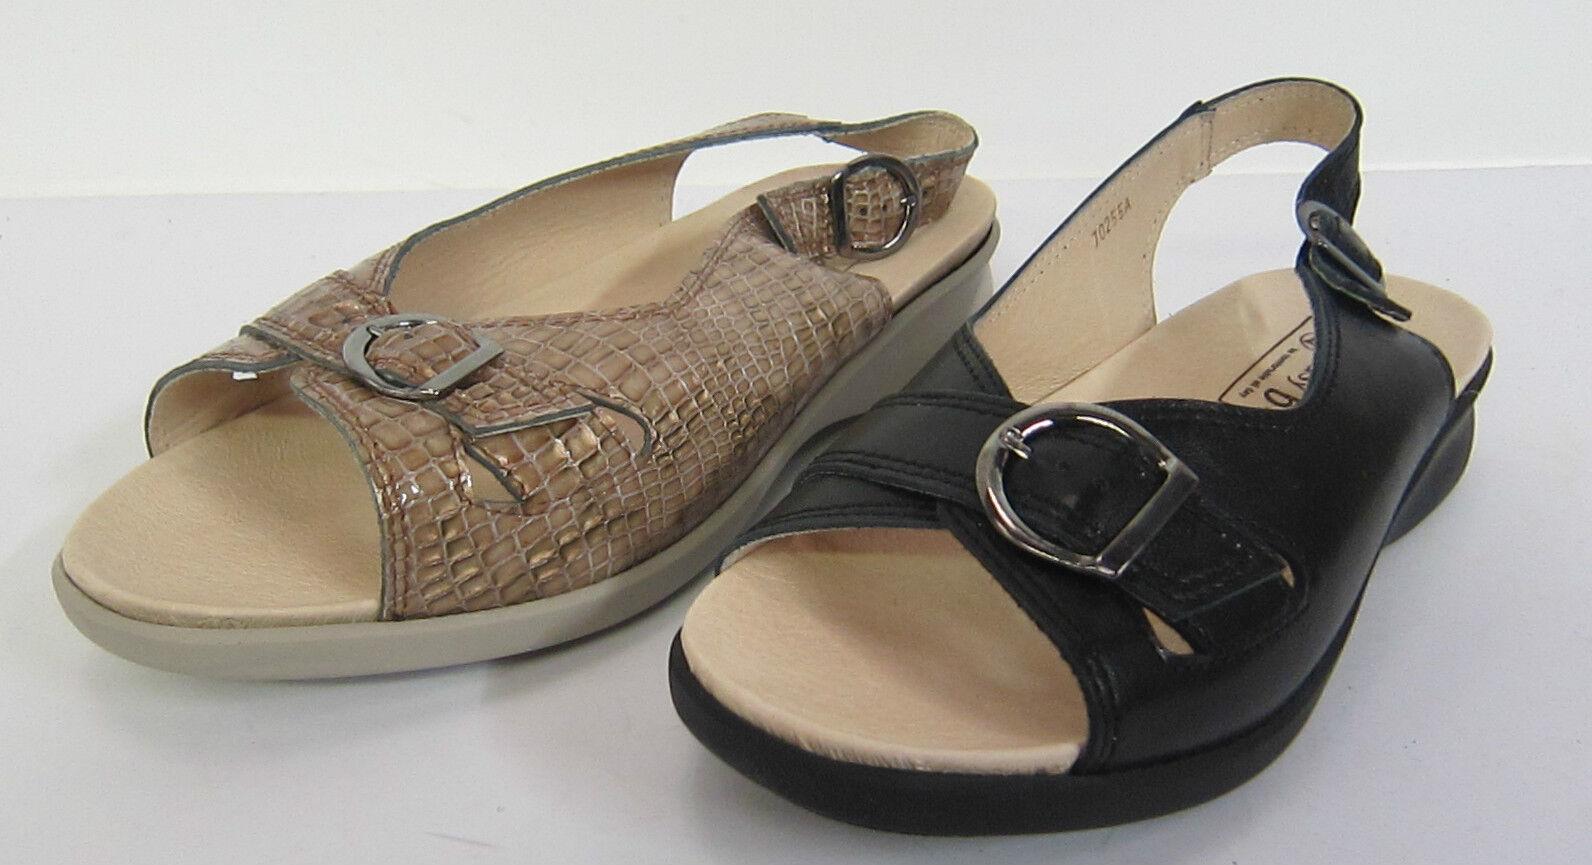 Mujer Fácil B 'Sicilly' colores- Sandalias de cuero 2 colores- 'Sicilly' Negro & Camel adecuado- V 64678f